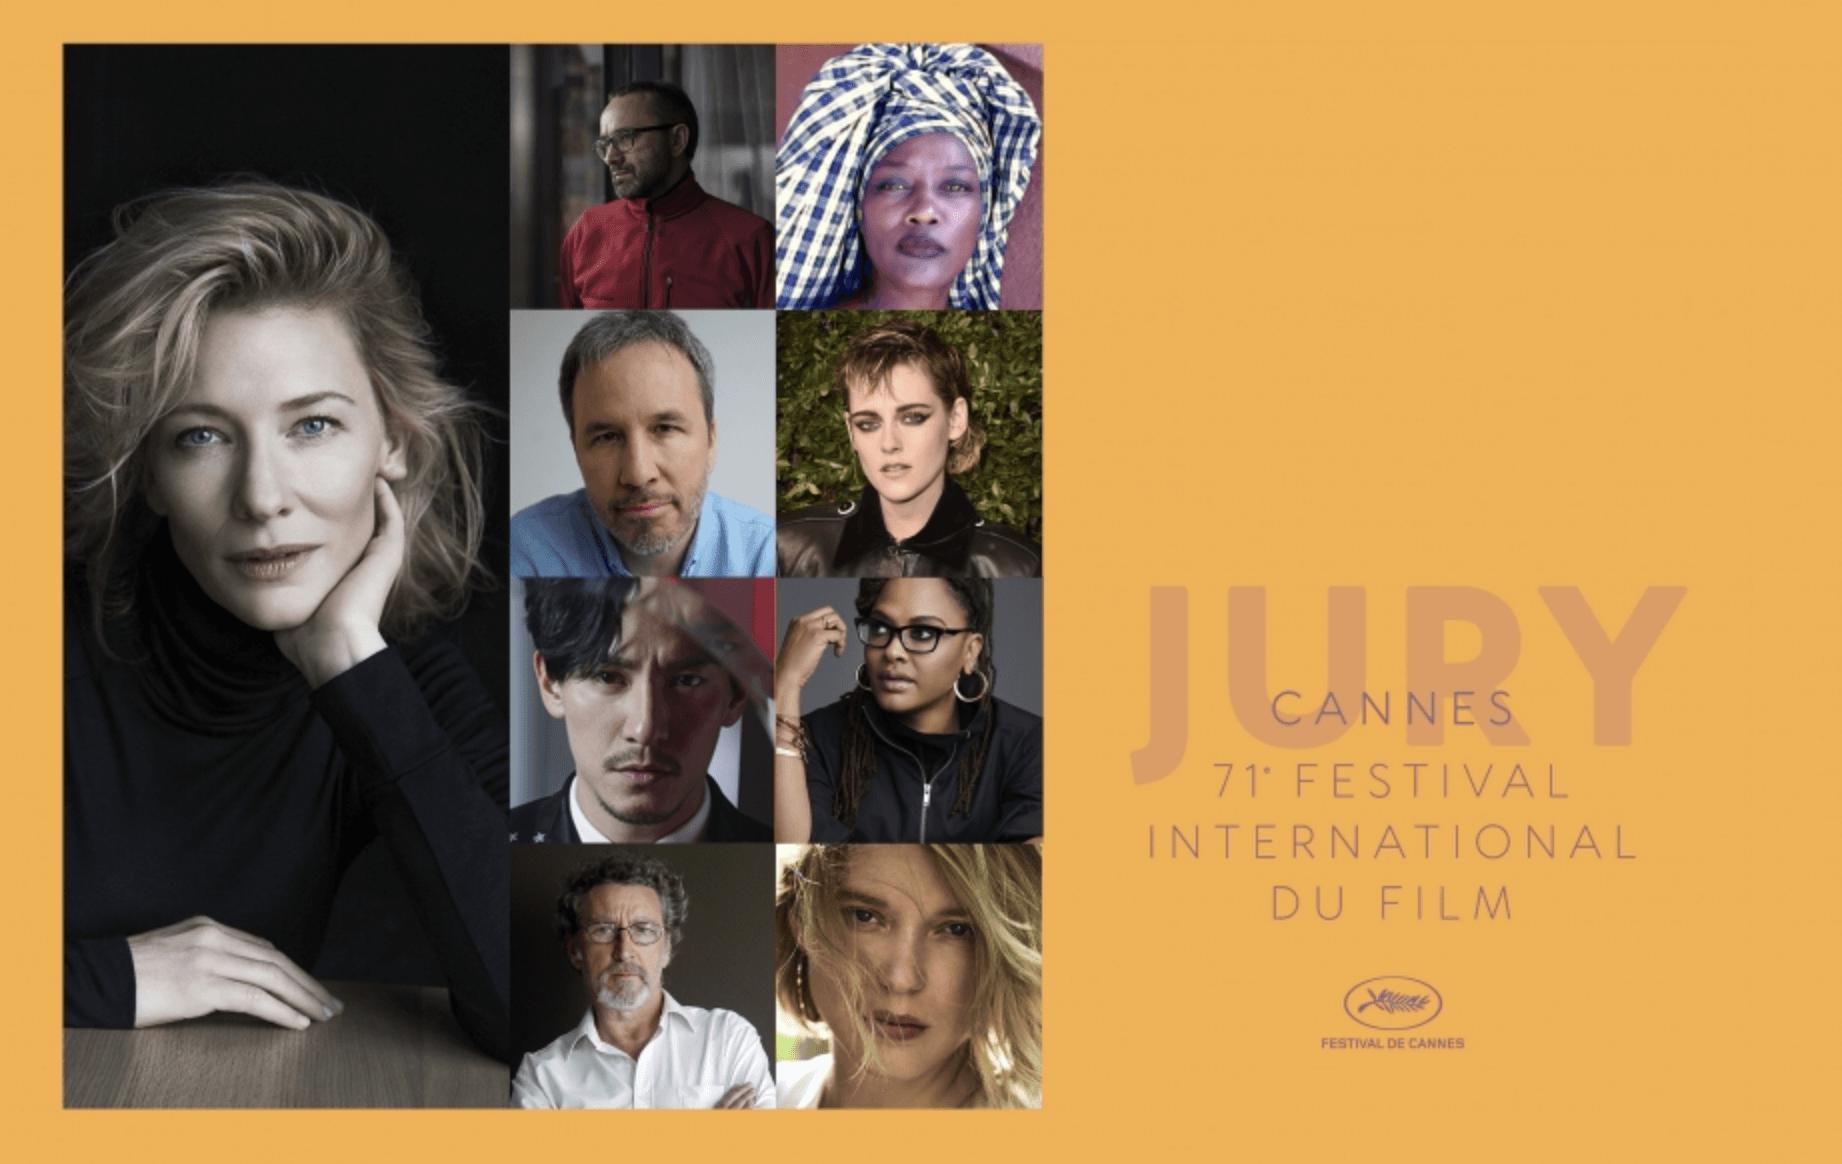 Festival de Cannes: Júri de 2018 será majoritariamente feminino